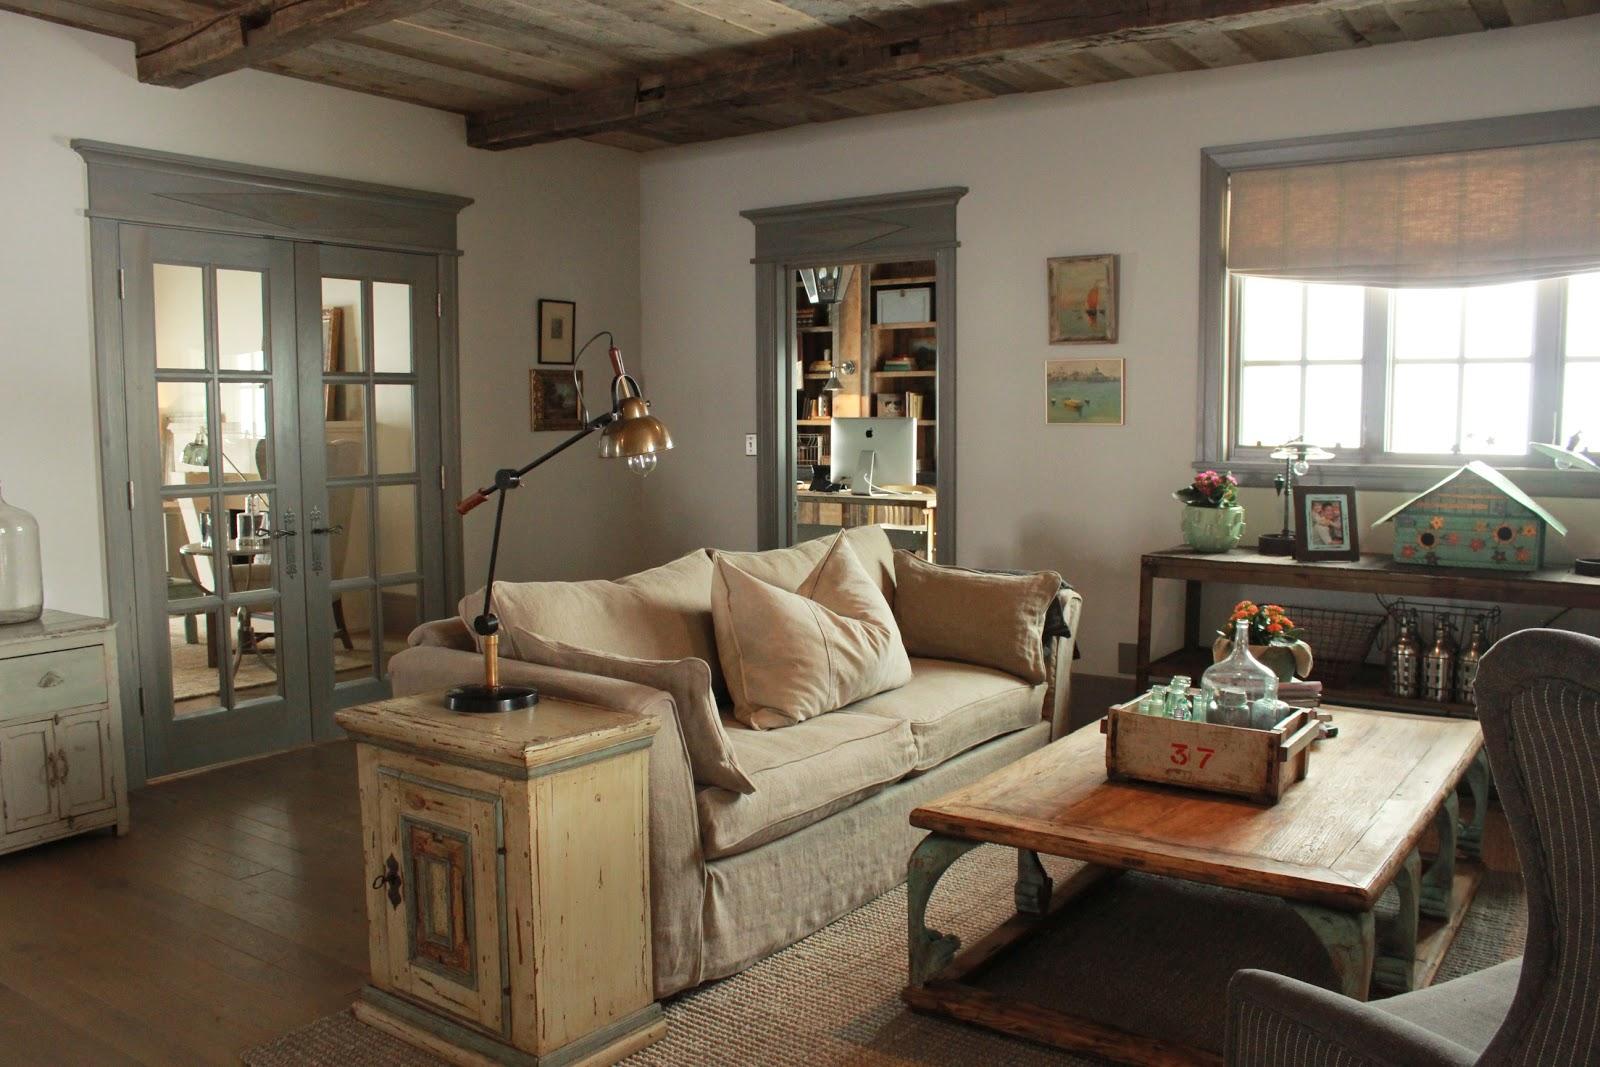 Décor de Provence: Our New Home!